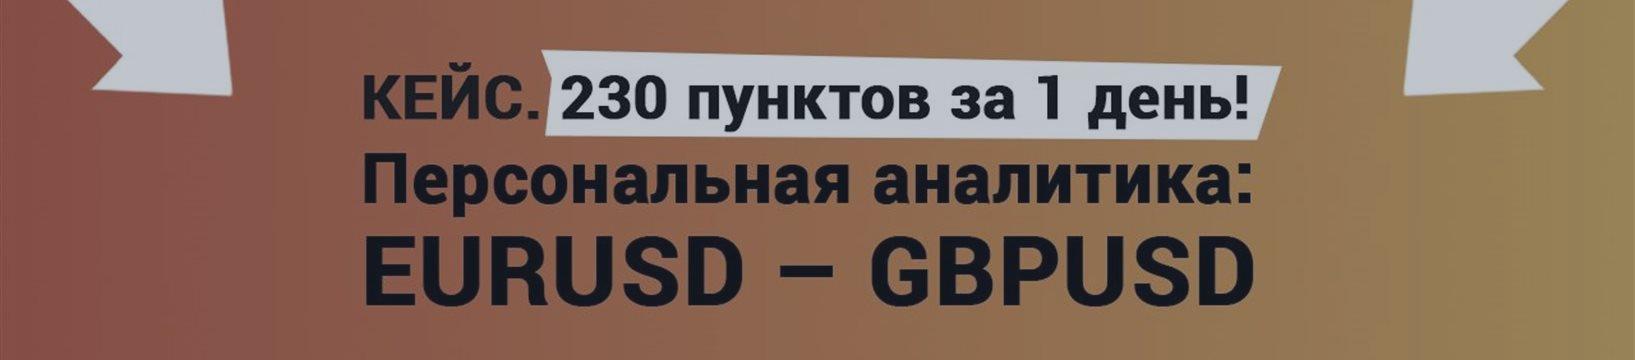 КЕЙС! 230 ПУНКТОВ ЗА 1 ДЕНЬ! ПЕРСОНАЛЬНАЯ АНАЛИТИКА ПО EURUSD И GBPUSD - СМОТРЕТЬ ВСЕМ!